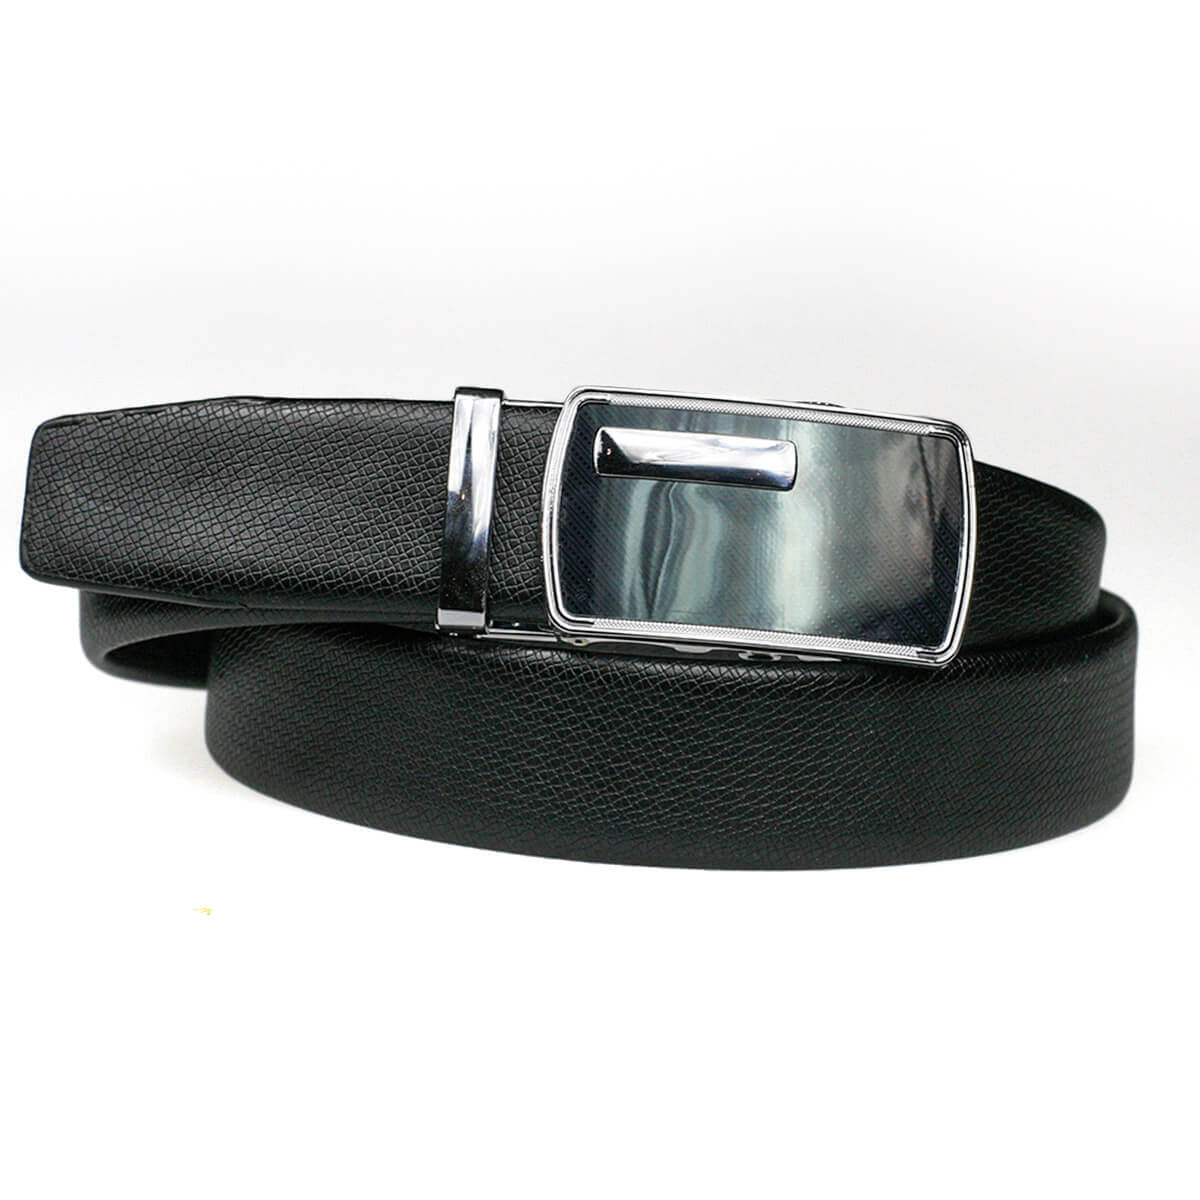 Pánsky kožený opasok - čierny vzor 9, veľkosť 50 (dĺžka 125 cm)